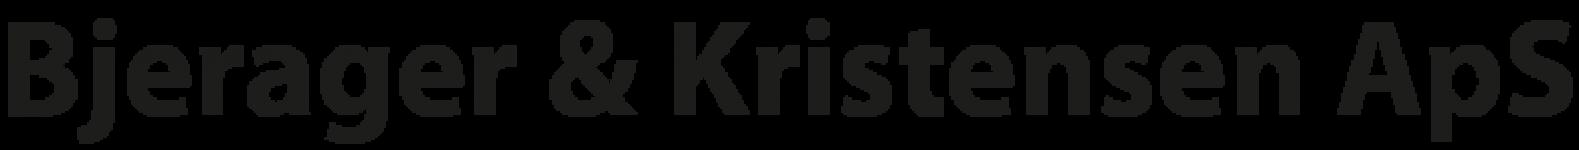 Bjerager & Kristensen ApS logo